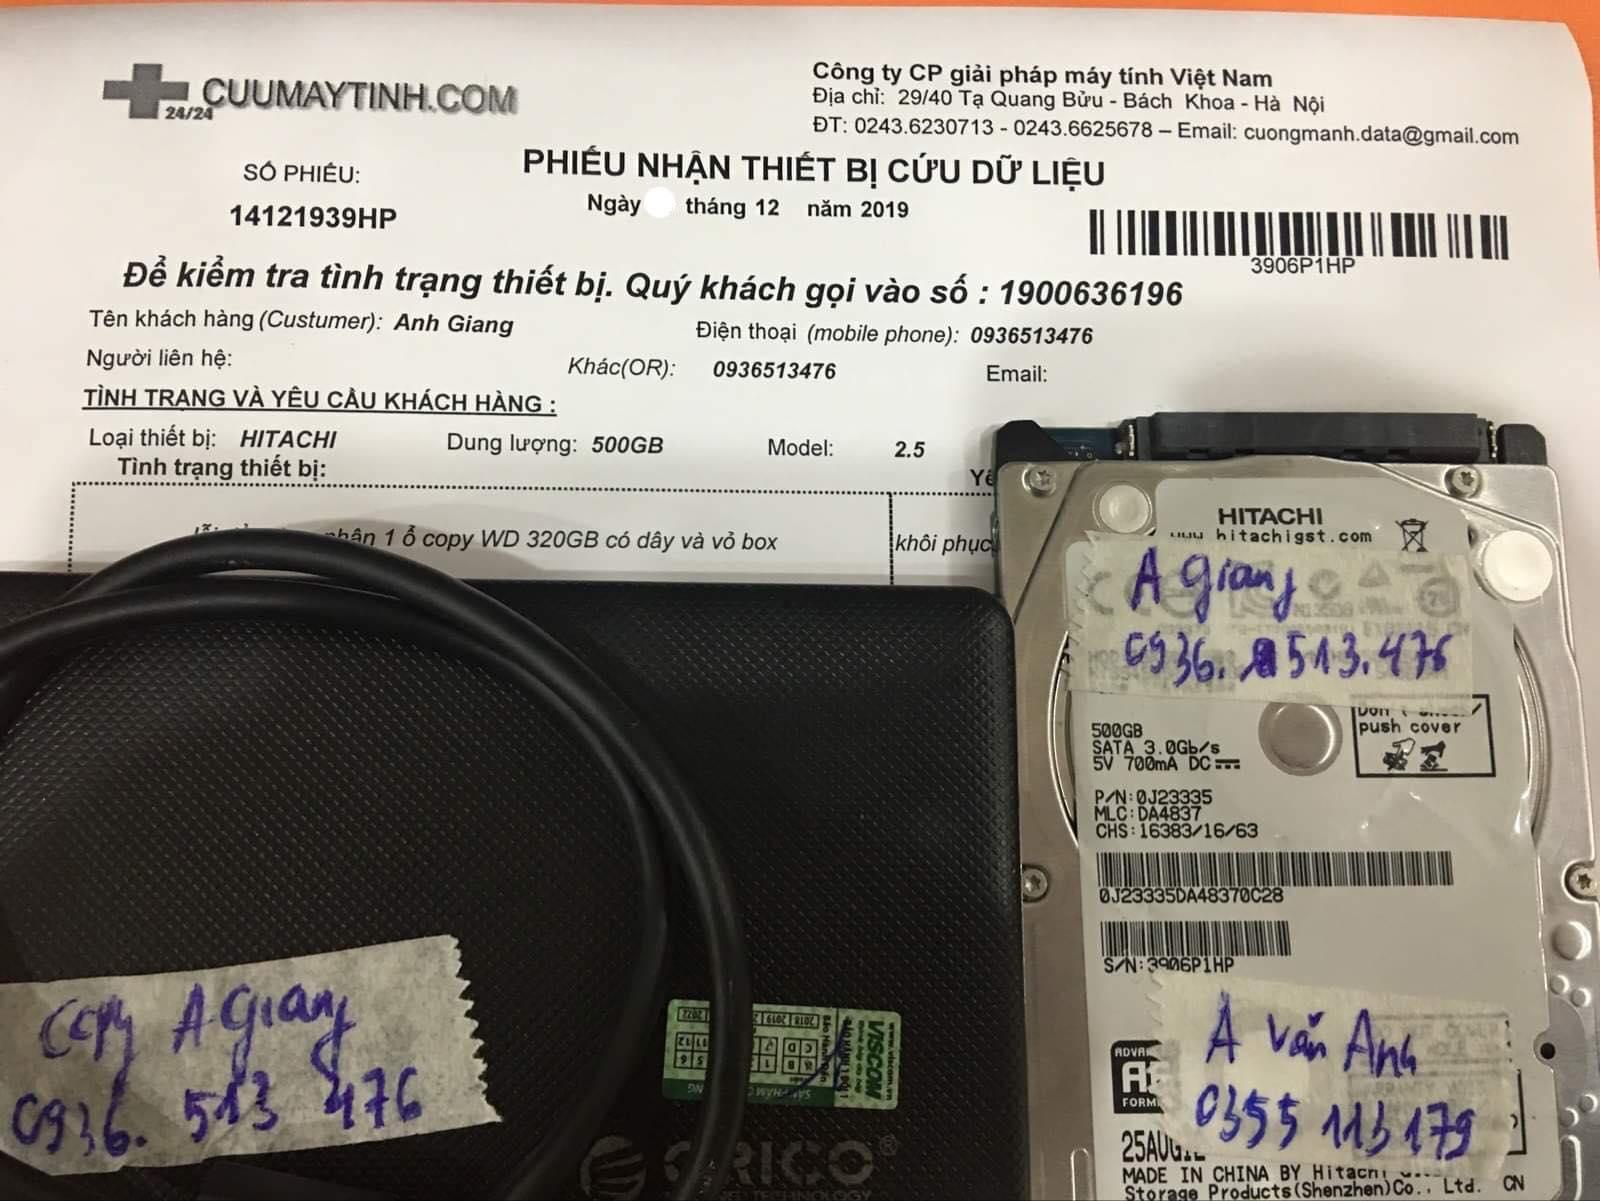 Phục hồi dữ liệu ổ cứng Hitachi 500GB lỗi đầu đọc 23/12/2019 - cuumaytinh